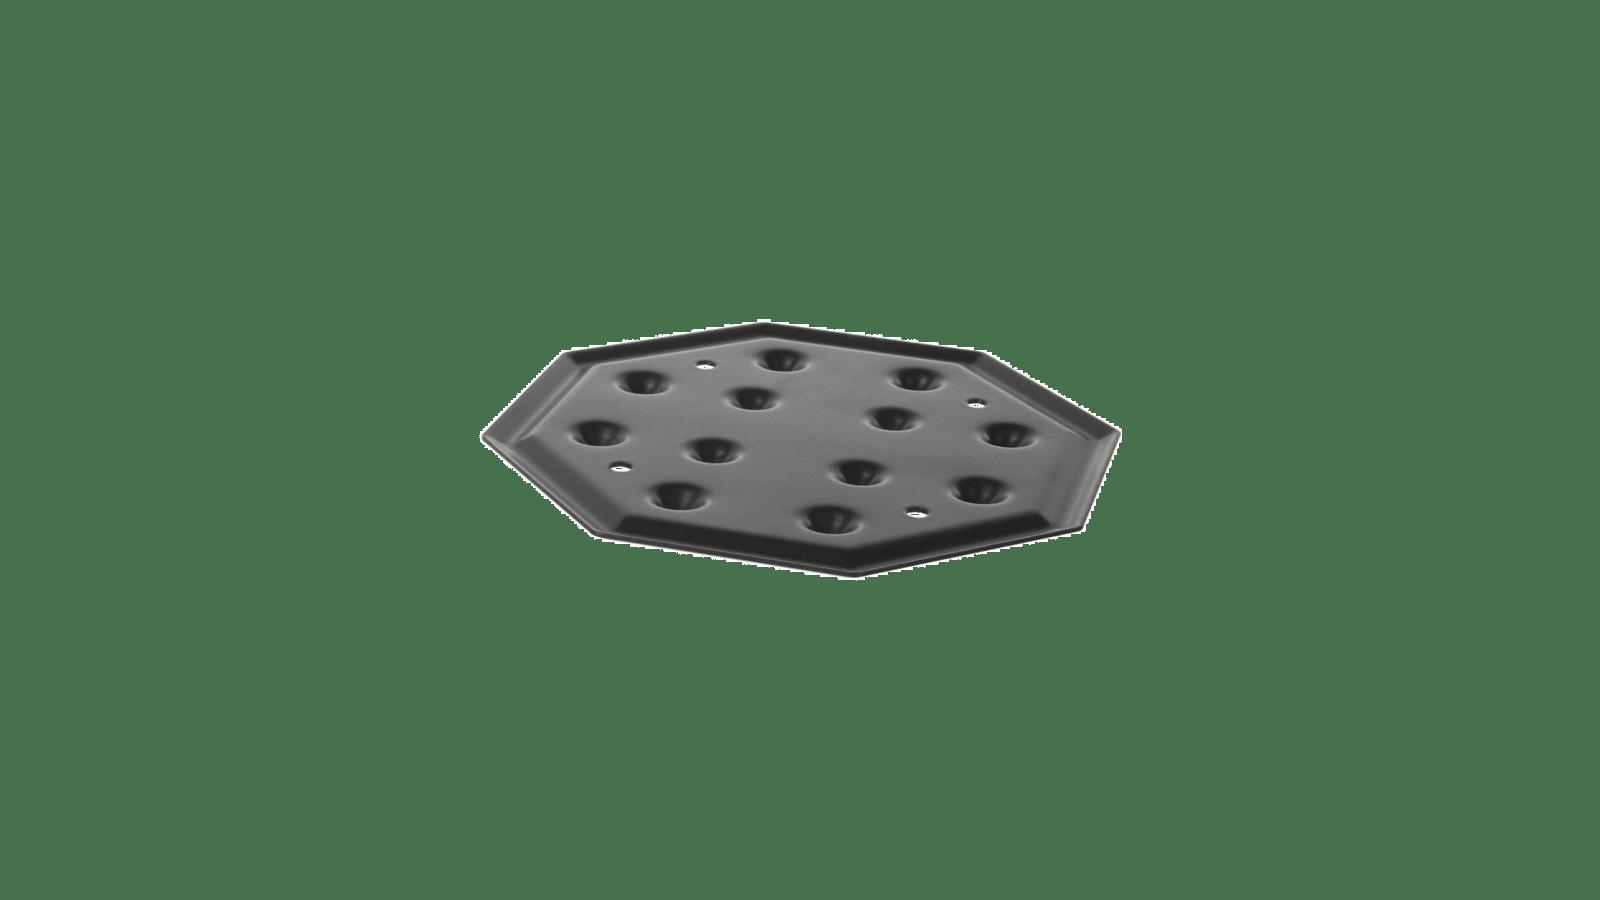 Neff Z2480X0 Simmer plate